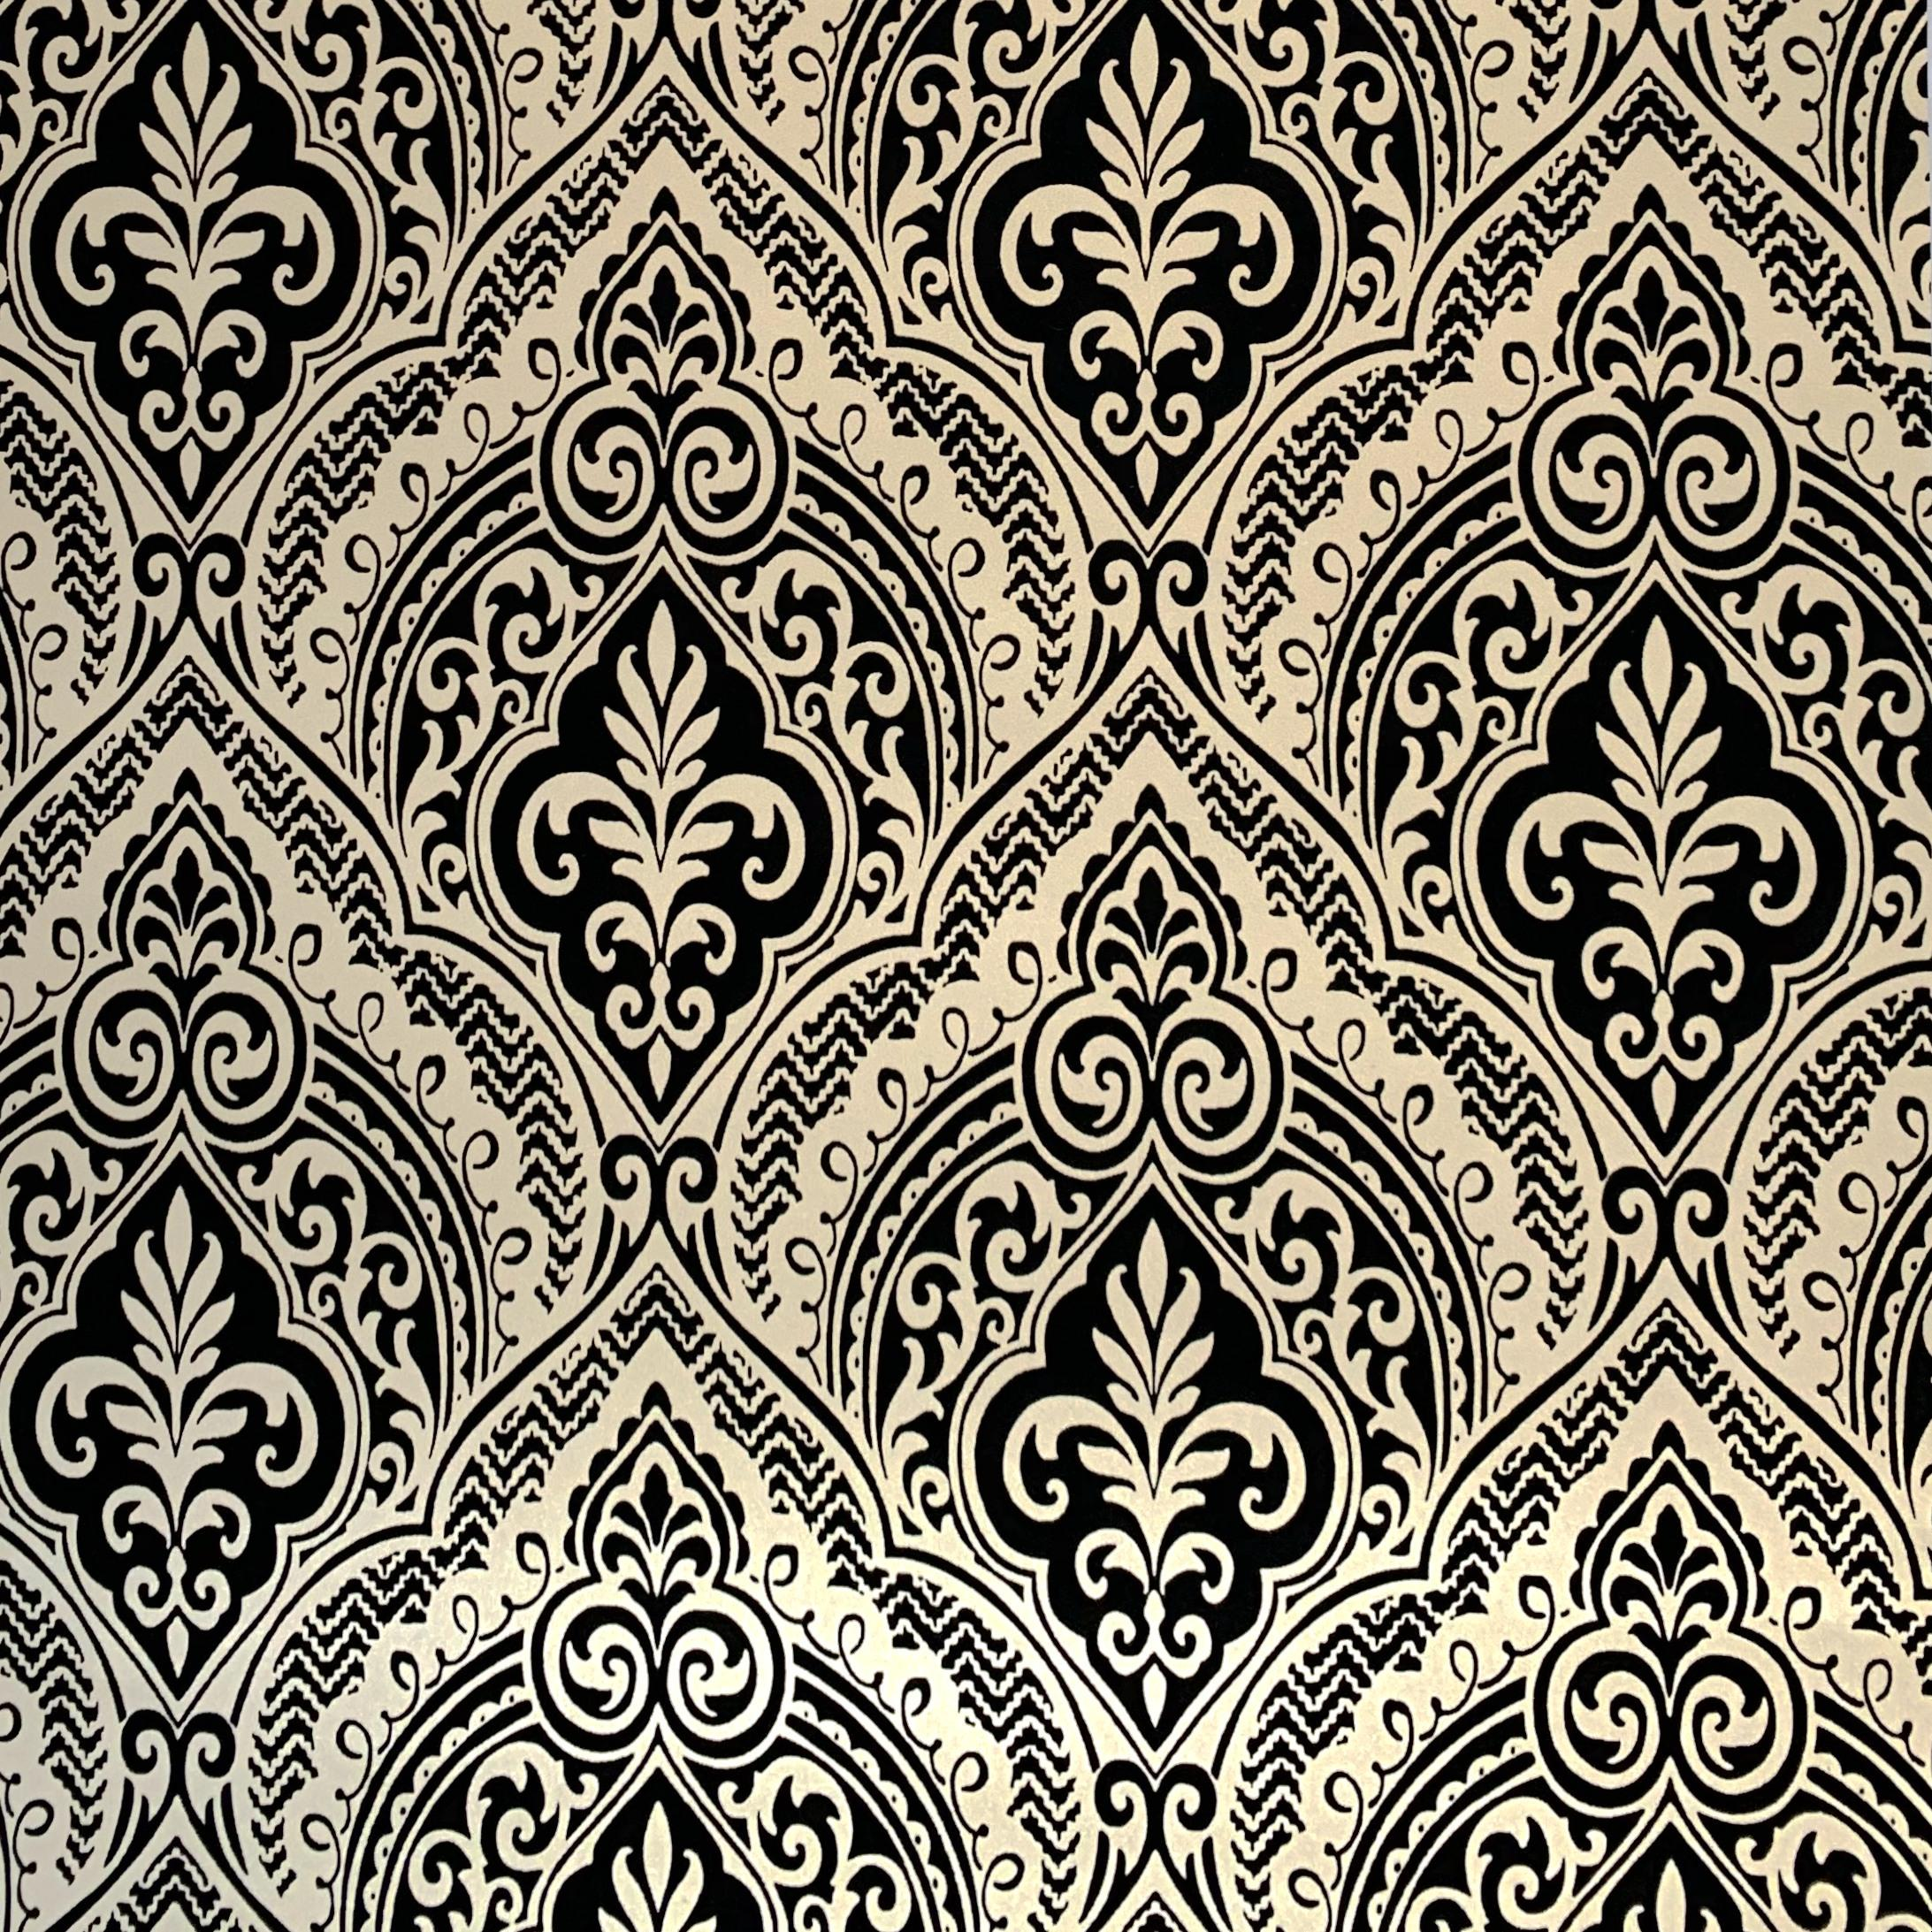 Wallpaper Non-woven 3D Embossed Damask velvet flock Wallpaper Roll Retro Living Room Decor Contact Paper gold and black